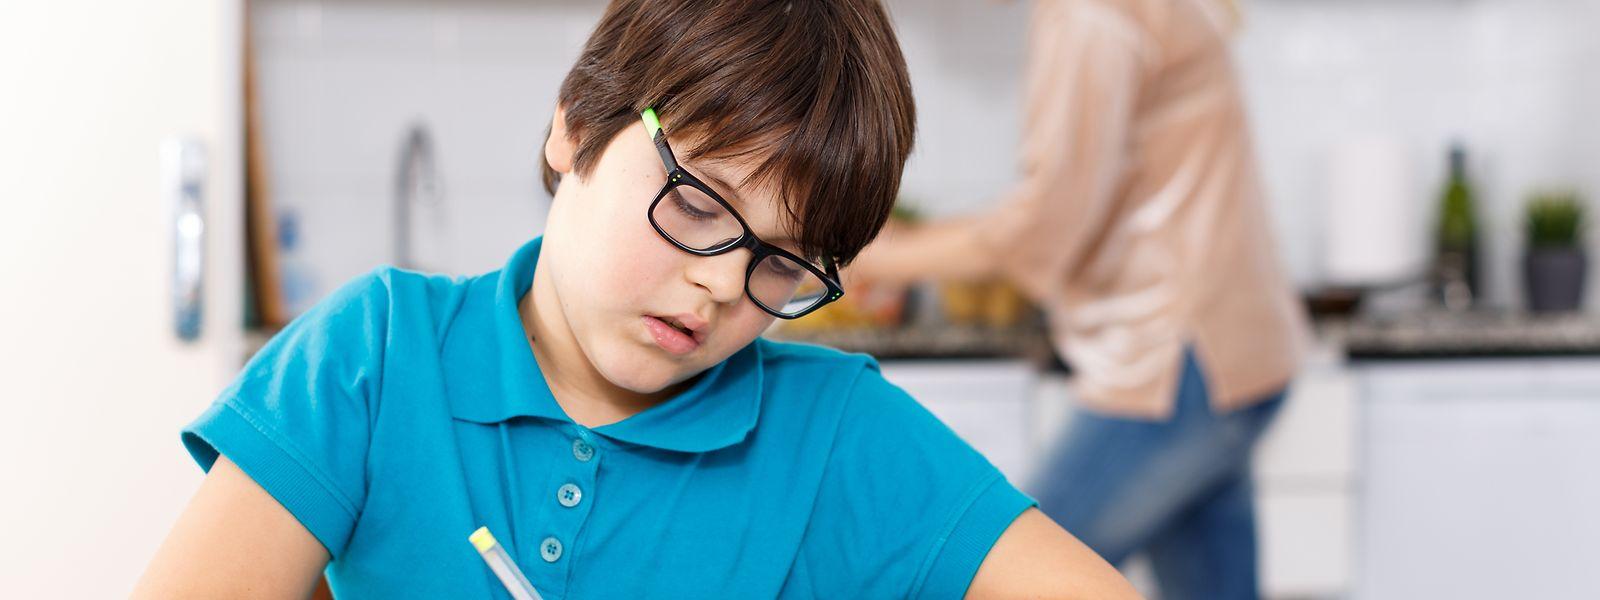 Die Schulschließung entbindet die Kinder nicht von der Schulpflicht. Die Zeit soll genutzt werden, um den Lernprozess in Gang zu halten.